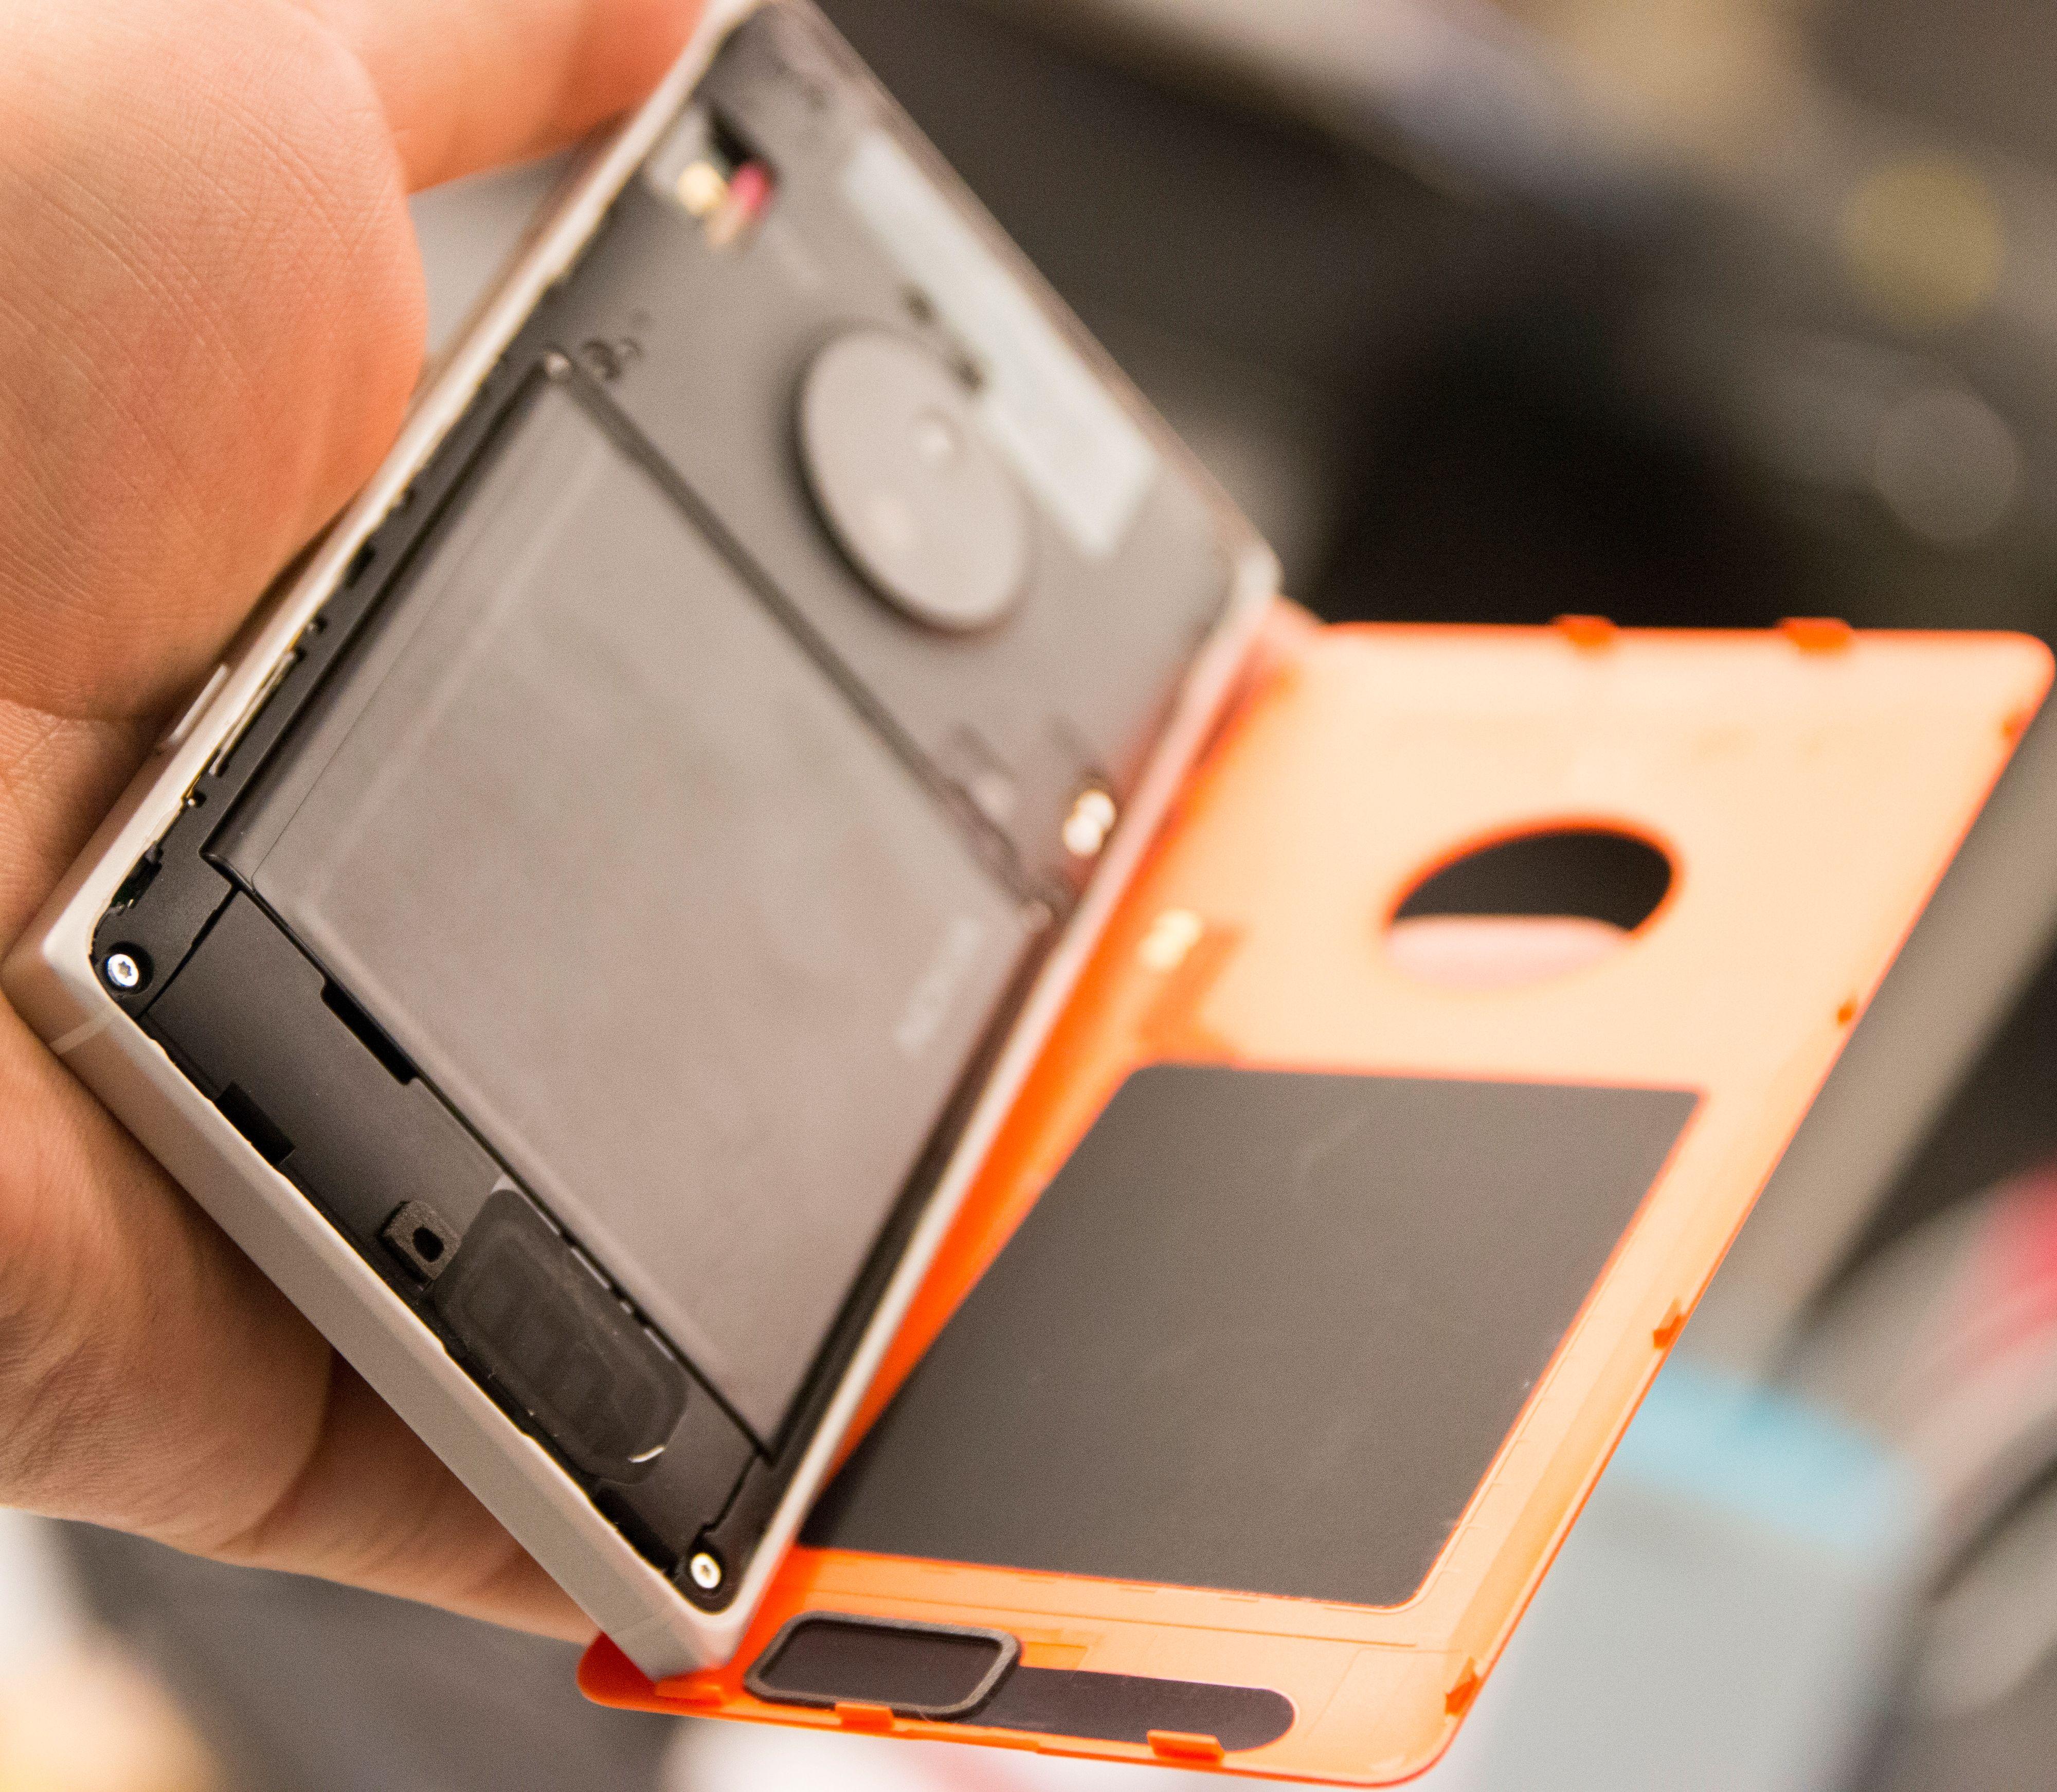 Dekselet på baksiden av Lumia 830 er en pine og en plage. Det er så vanskelig å sette på plass igjen at det er vanskelig å vite om man er i ferd med å ødelegge det.Foto: Finn Jarle Kvalheim, Tek.no